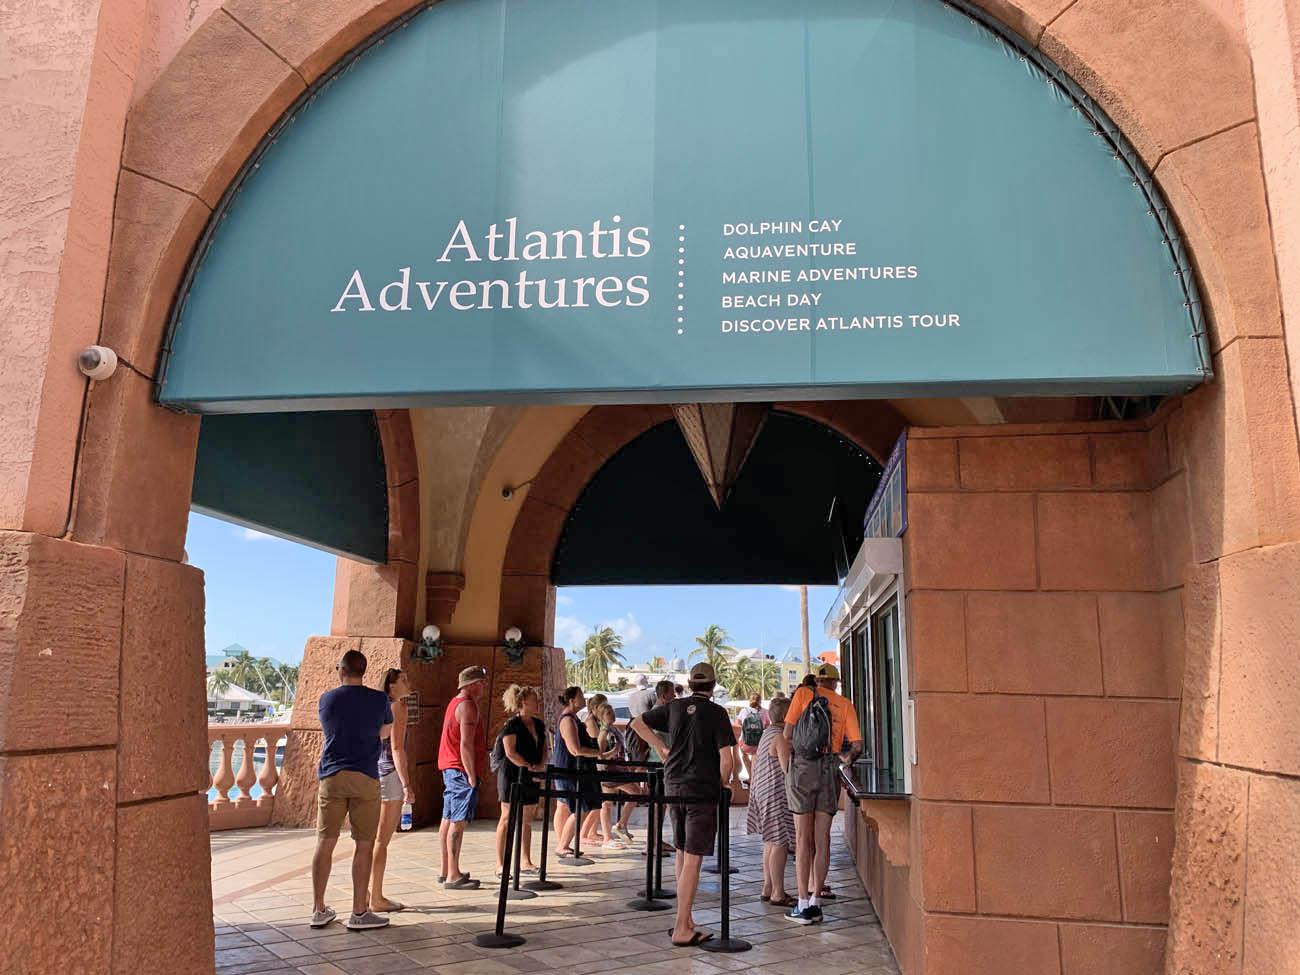 Atlantis Bahamas - parque aquático Aquaventure